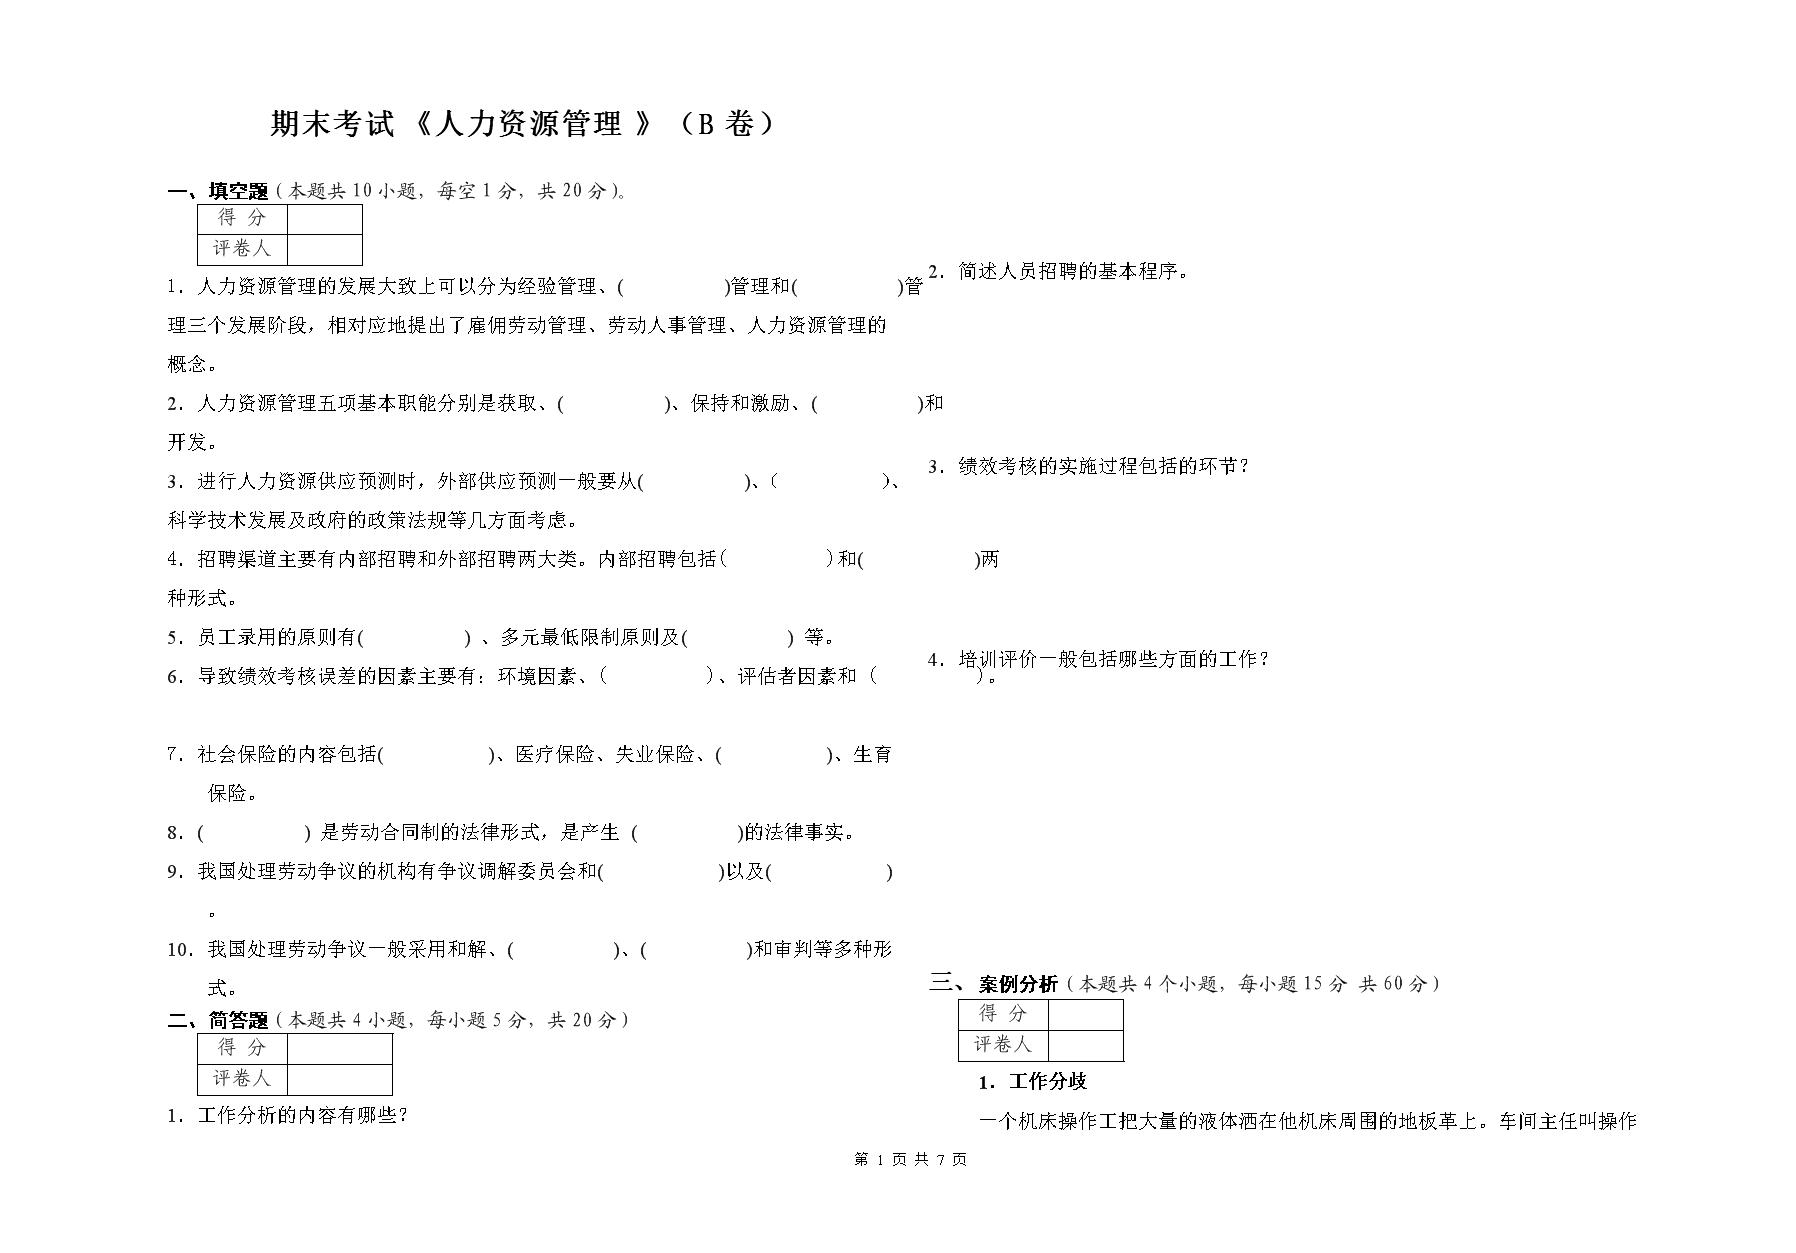 《人力资源管理》考试试卷(B卷).doc